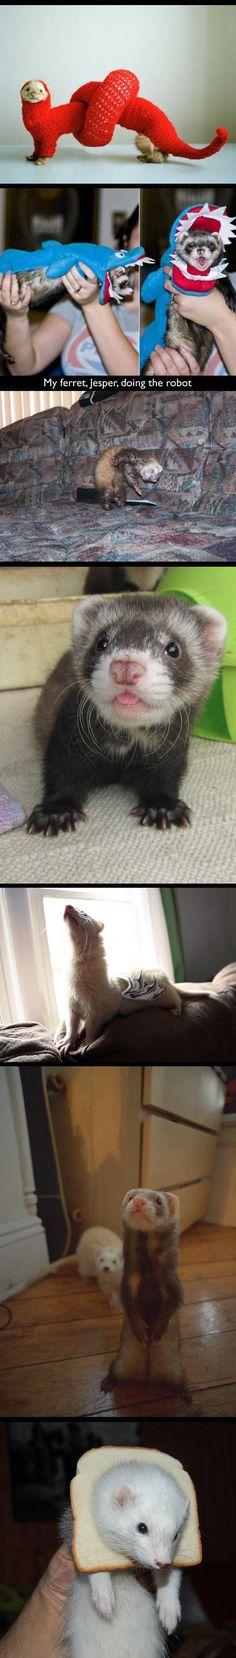 Funny Ferrets | funny-ferrets-costume-cute-bread